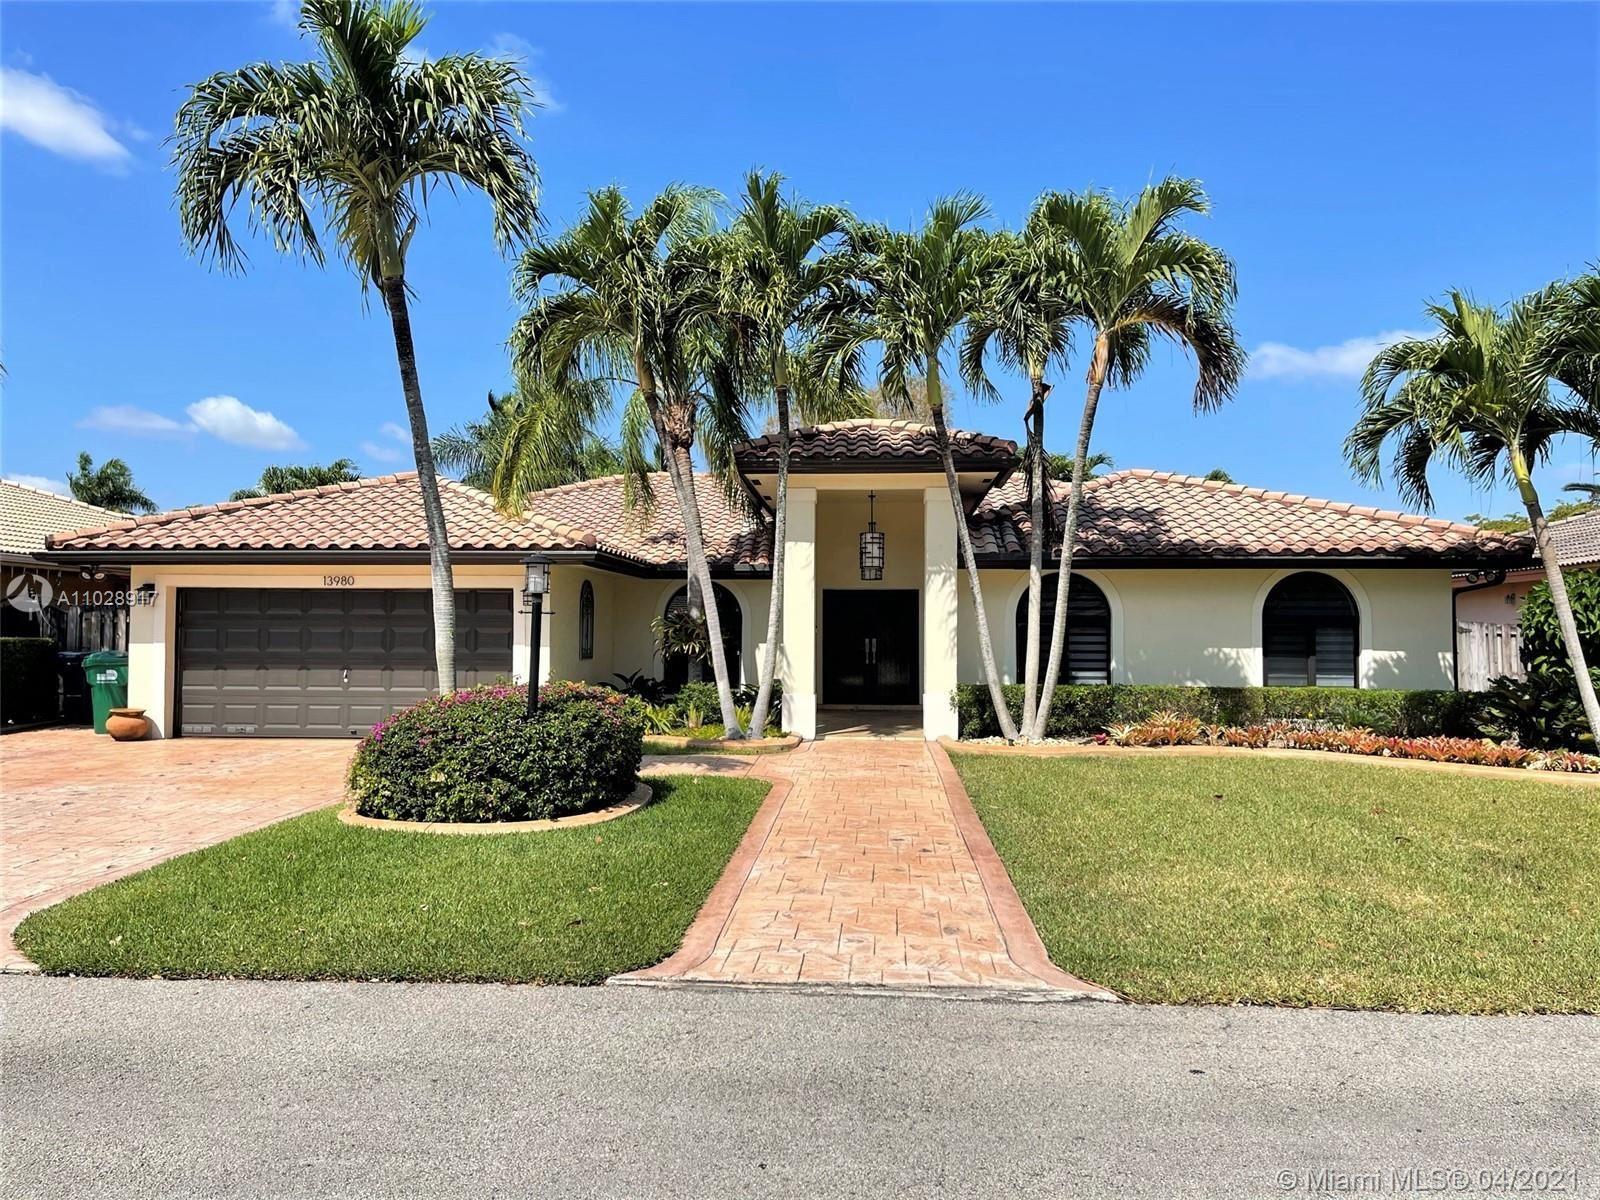 13980 SW 152nd Pl, Miami, FL 33196 - #: A11028917